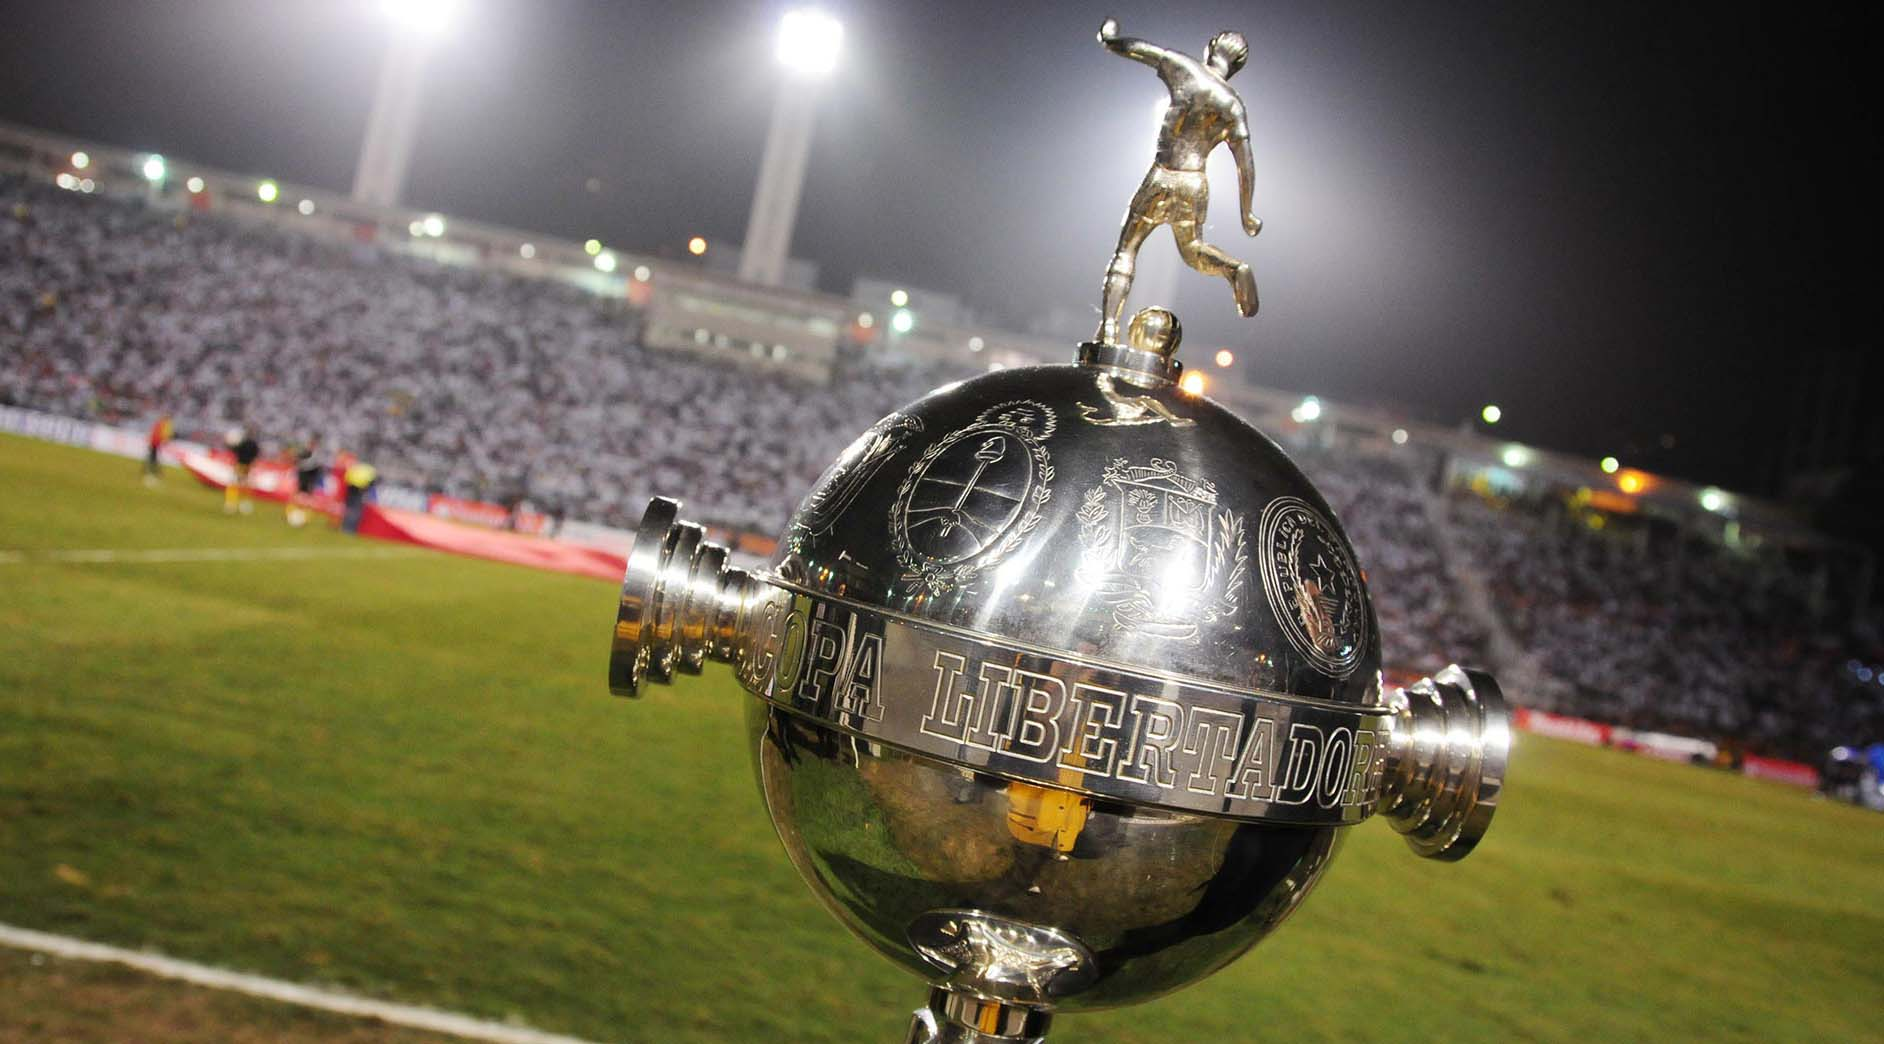 El Sumario - El último encuentro será el 23 de noviembre del próximo año y aún resta por definir qué estadio acogerá la cita deportiva